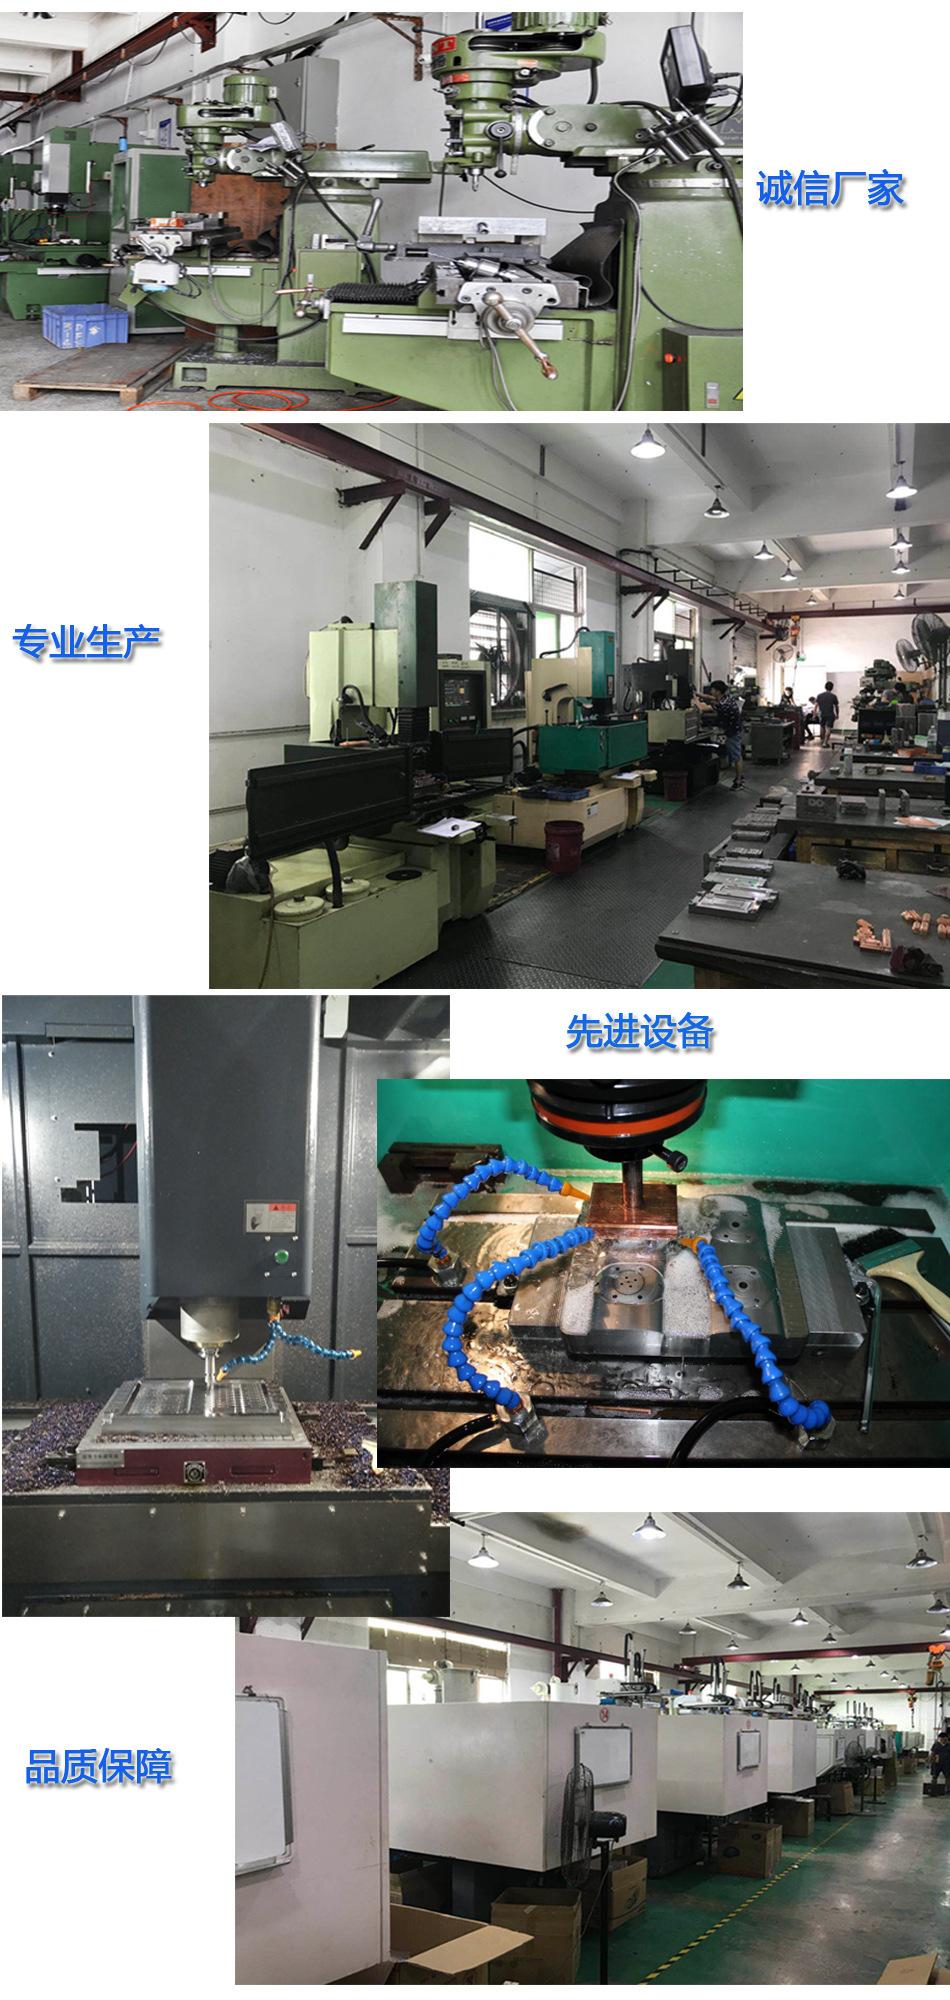 精密塑胶模具制造 abs塑料制品注塑加工开磨76281212